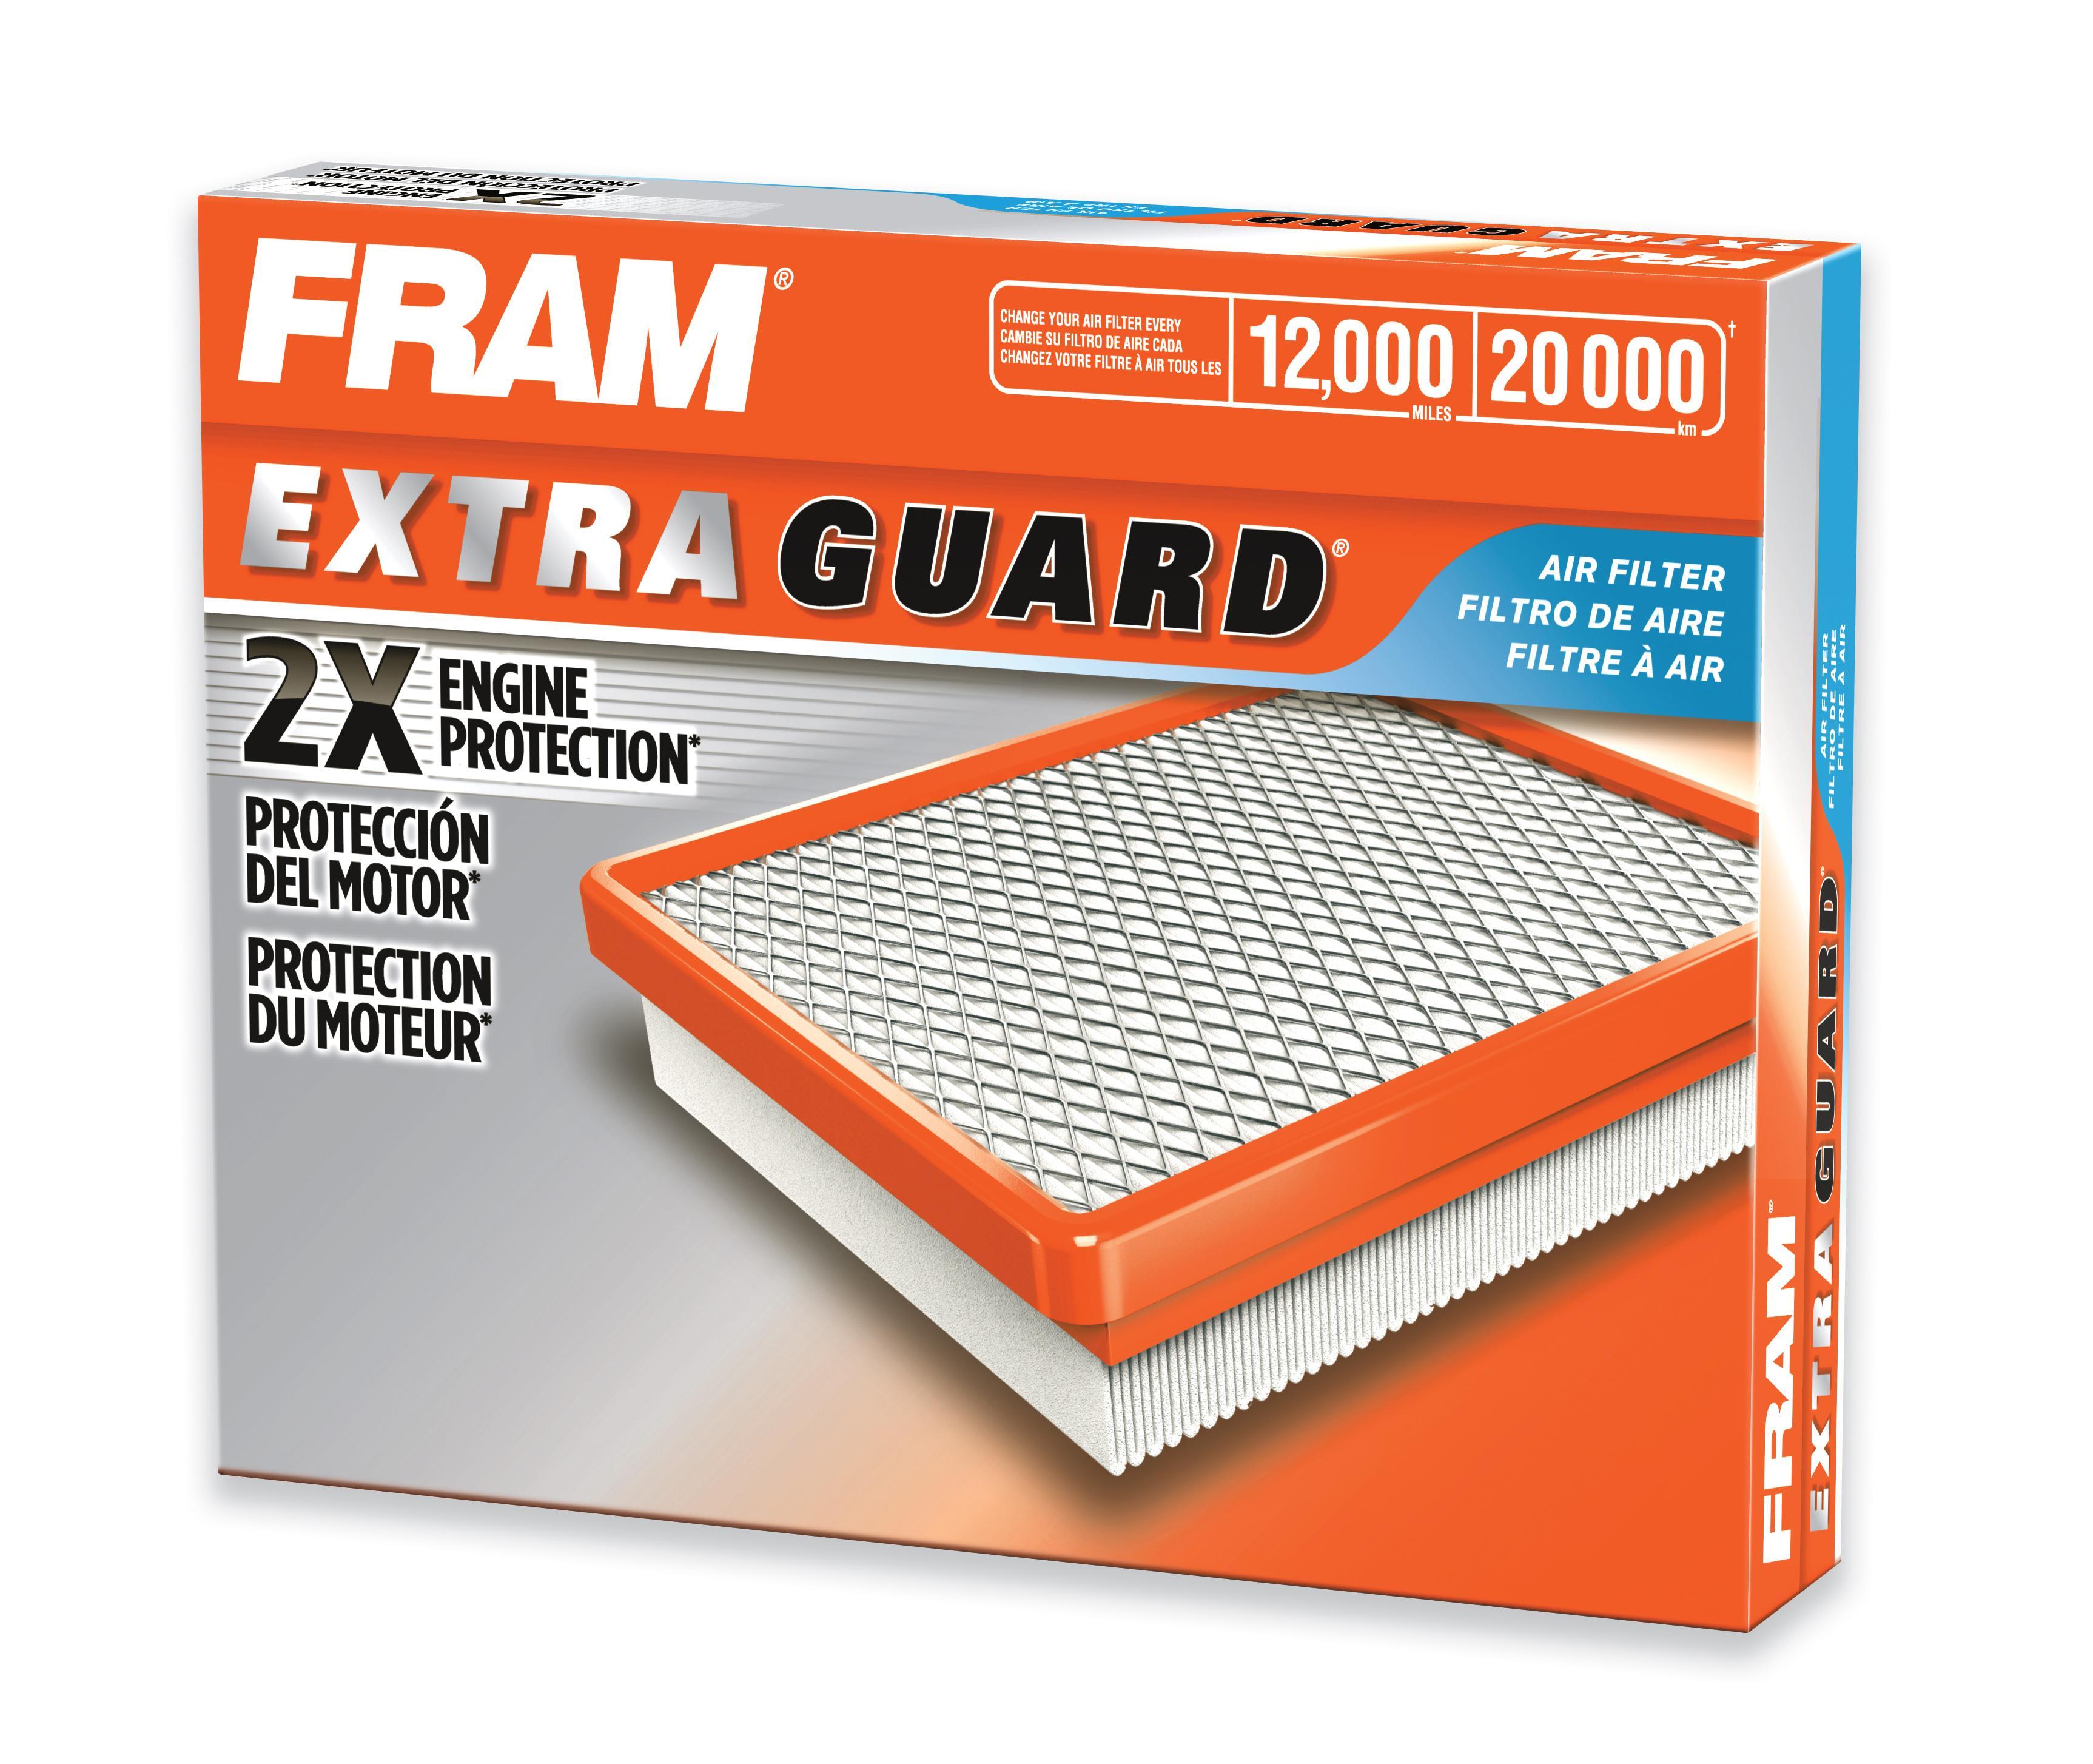 amazon com fram ca10551 extra guard panel air filter automotive rh amazon com fram cabin filter size chart fram cabin filter size chart